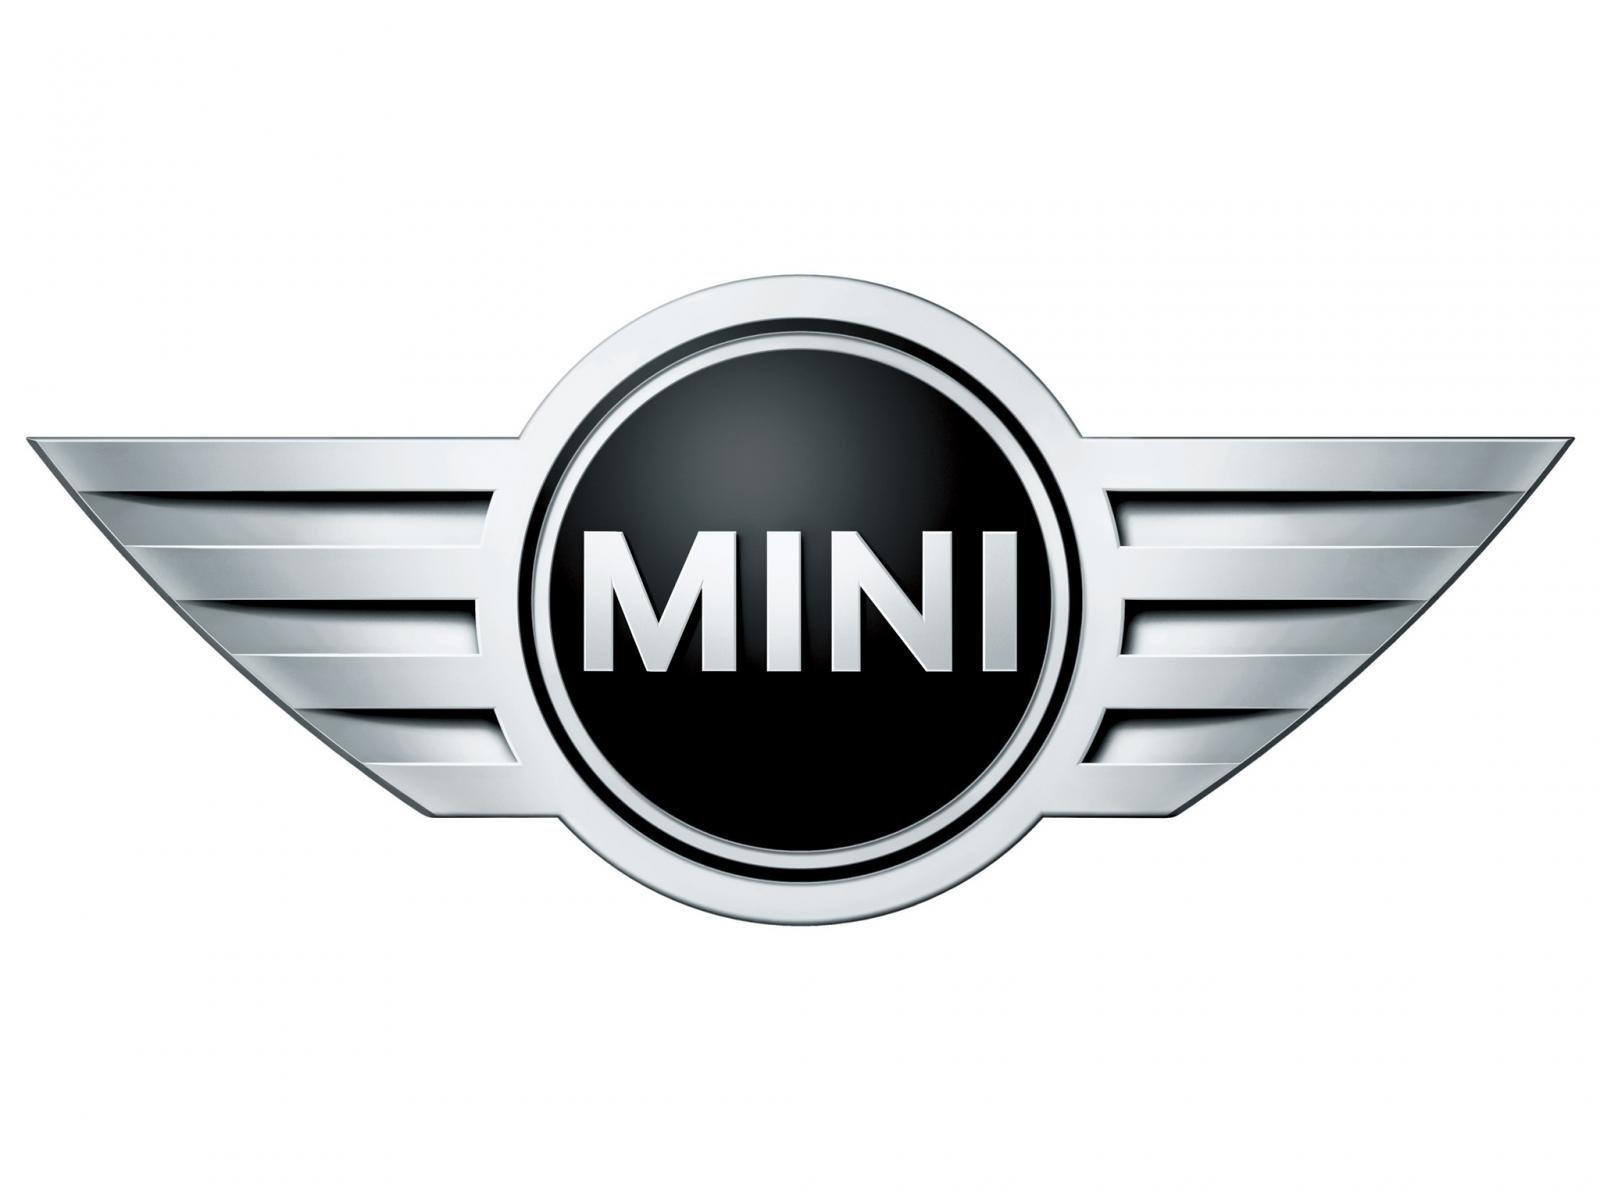 Logo của hãng xe Mini